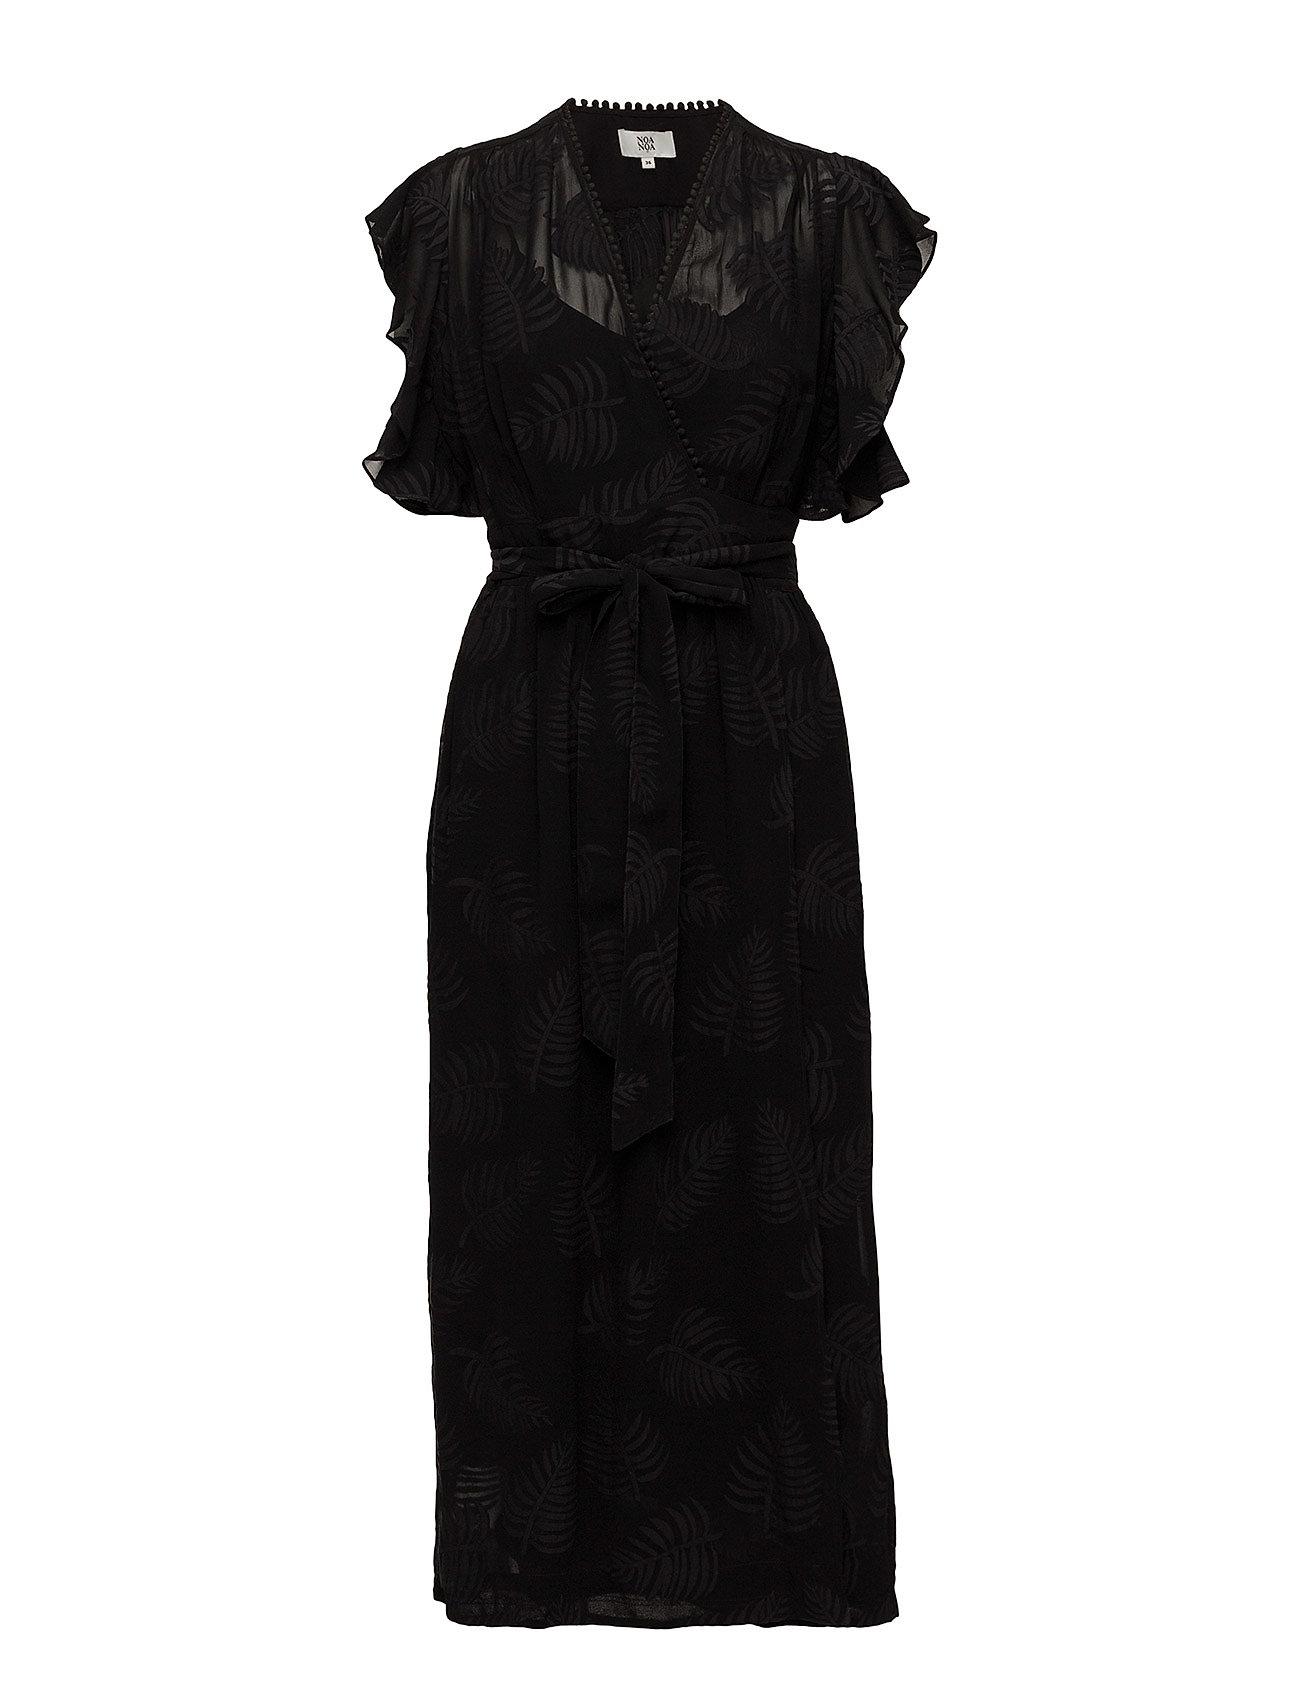 Noa Noa Dress short sleeve - BLACK